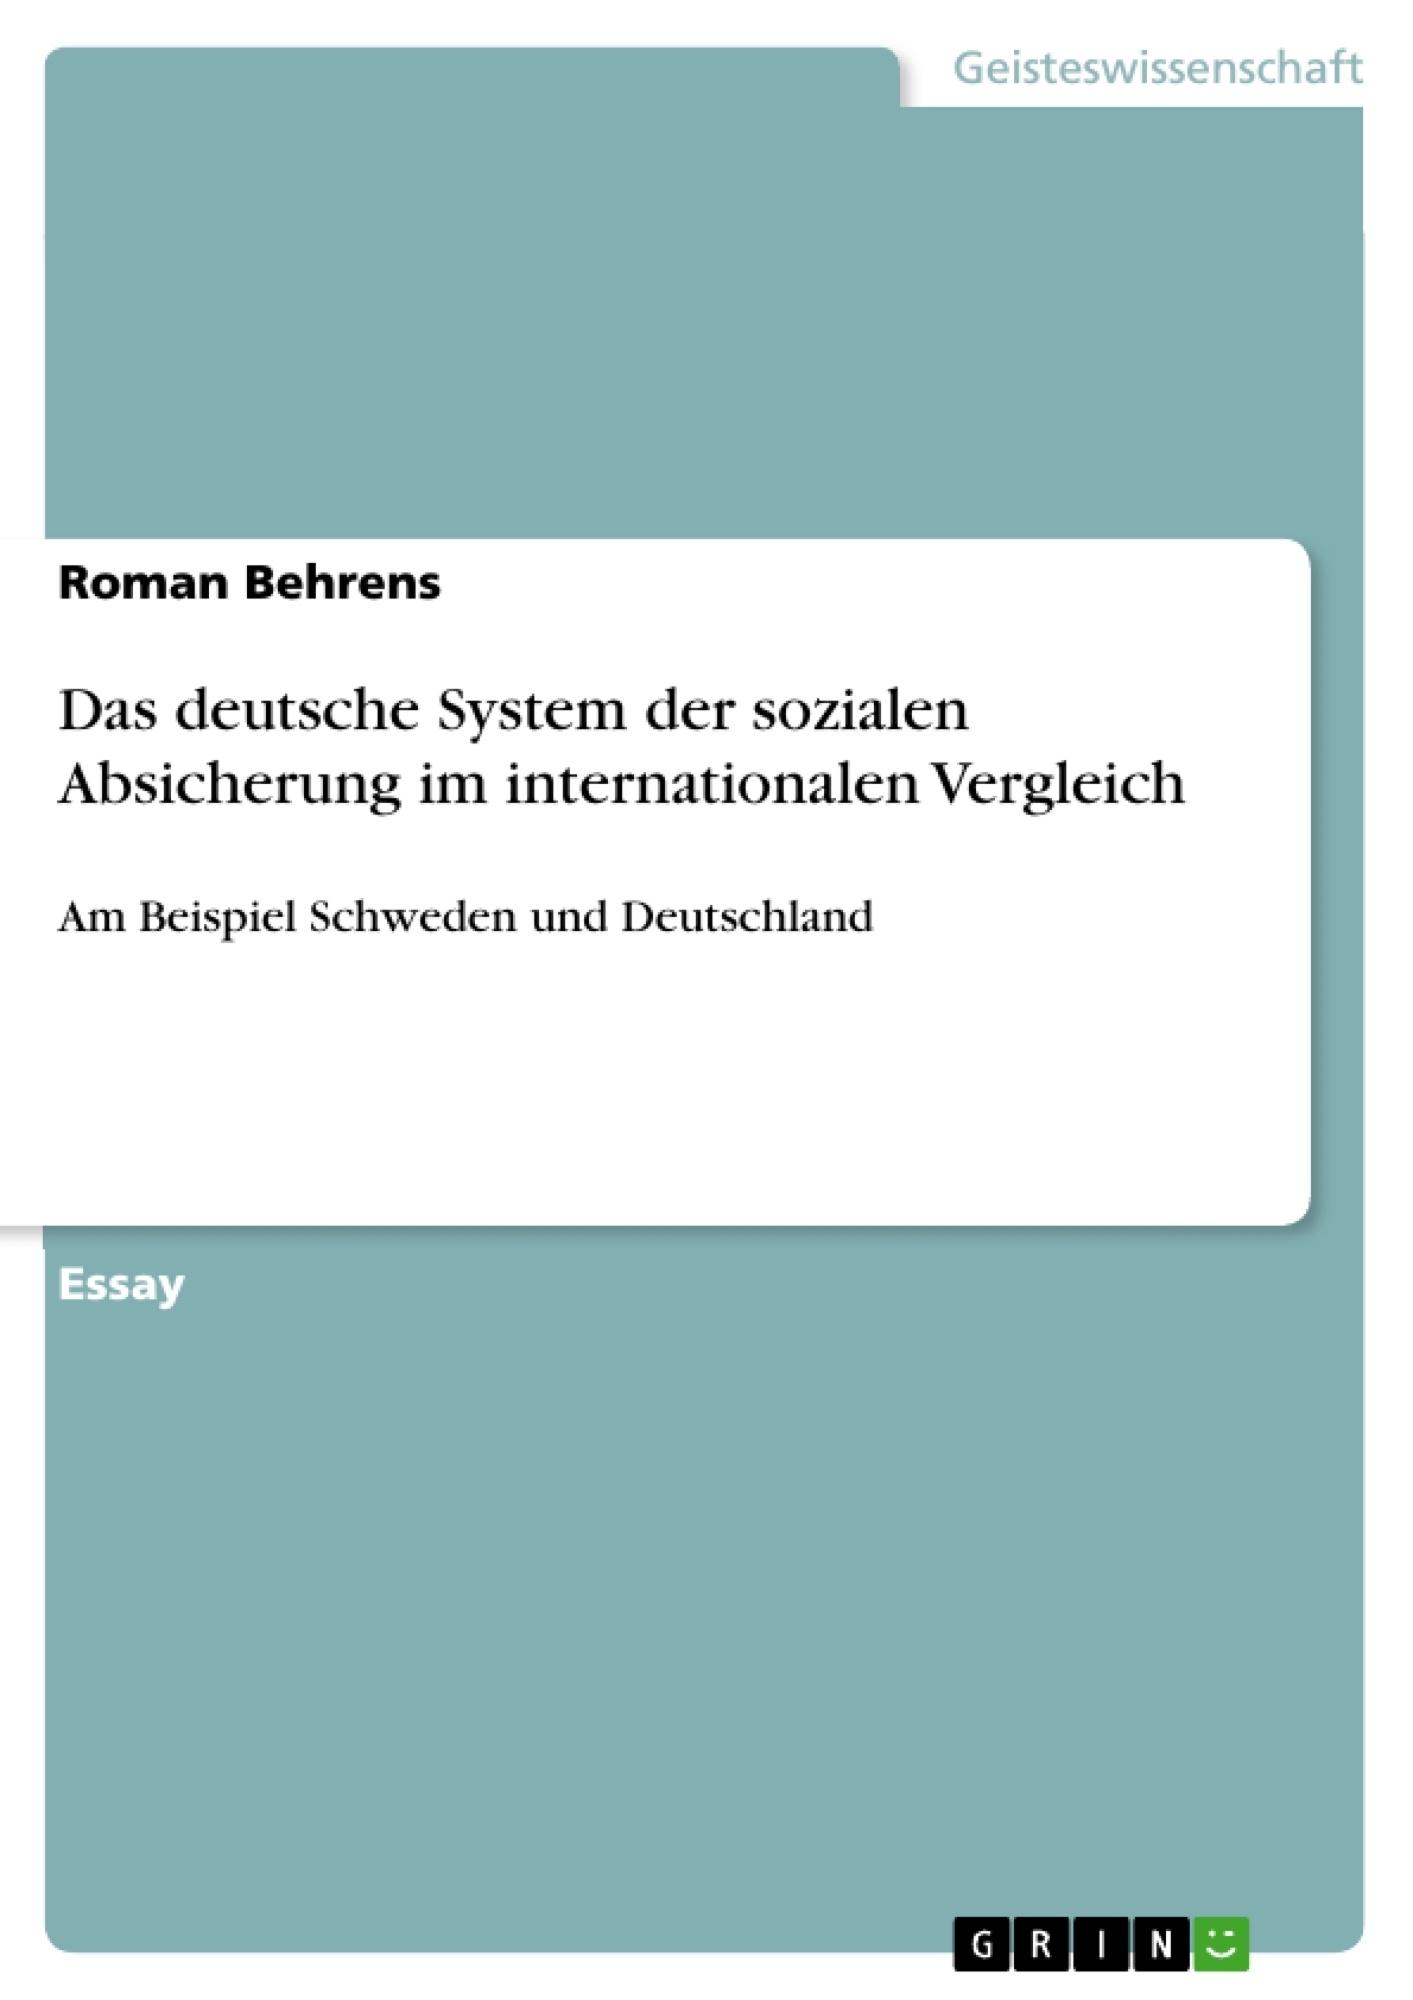 Titel: Das deutsche System der sozialen Absicherung im internationalen Vergleich